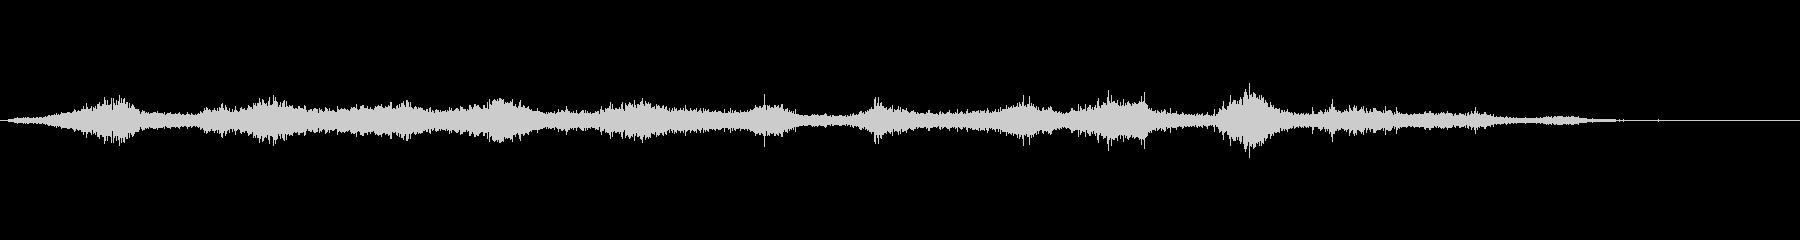 海の臨場感ある波の音の未再生の波形